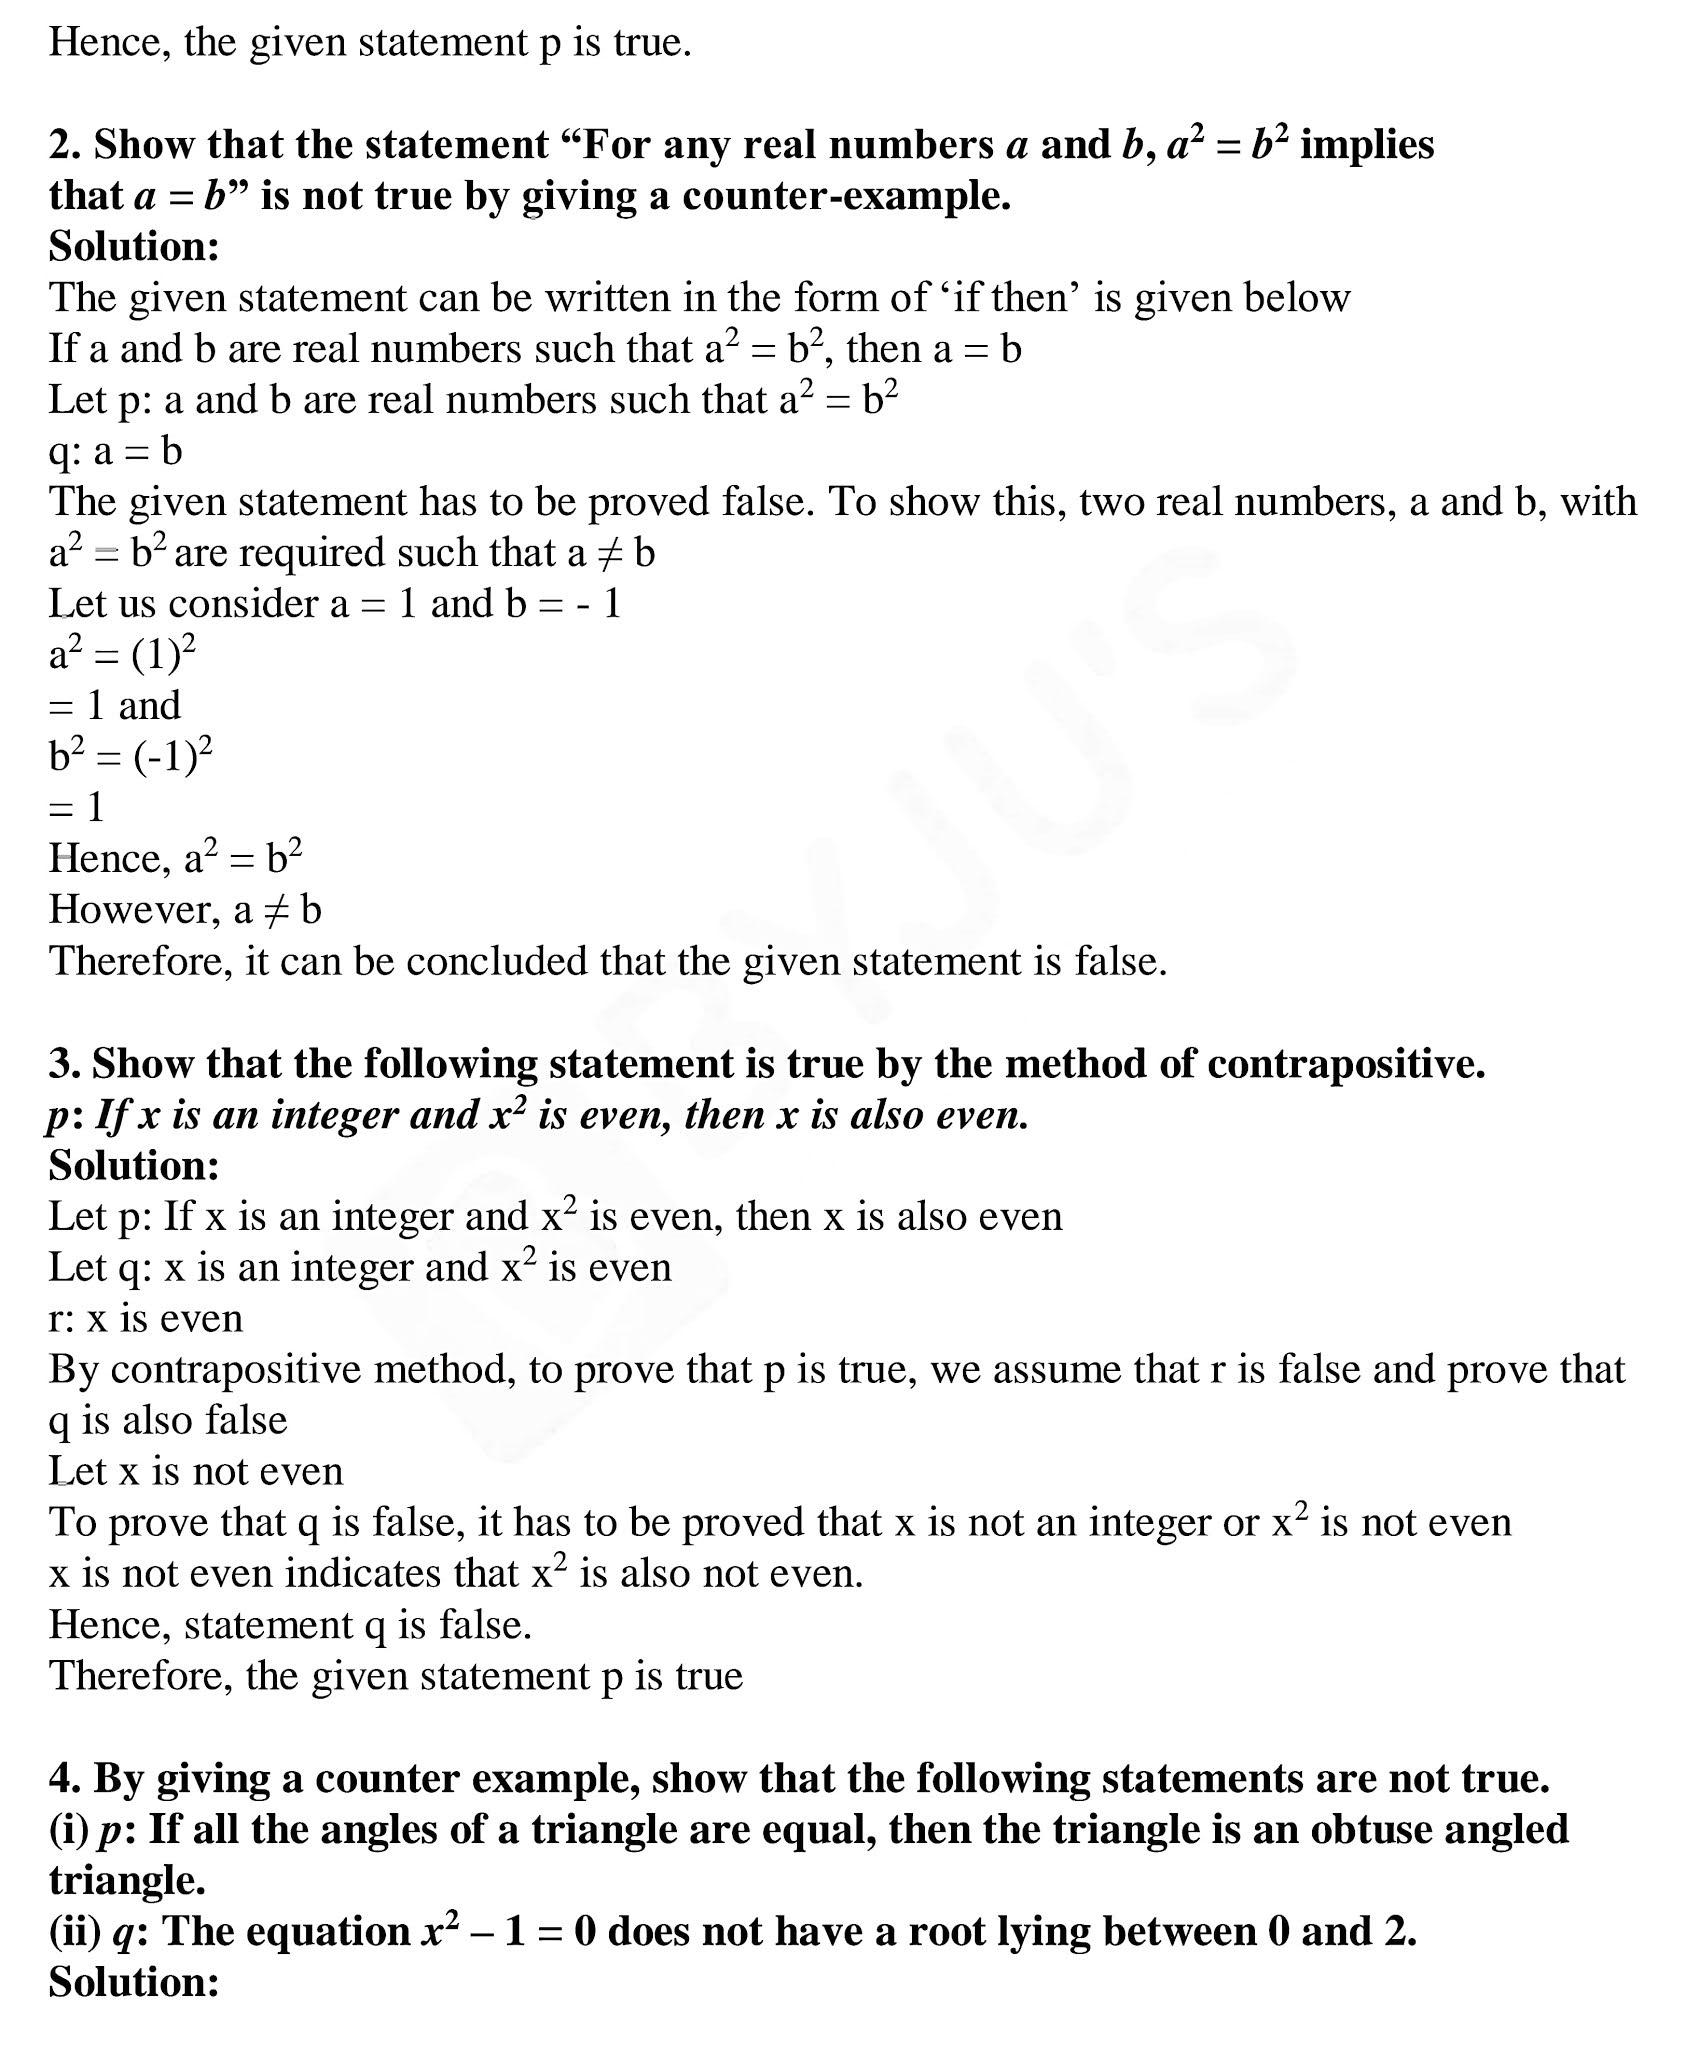 Class 11 Maths Chapter 14 Mathematical Reasoning,  11th Maths book in hindi,11th Maths notes in hindi,cbse books for class  11,cbse books in hindi,cbse ncert books,class  11  Maths notes in hindi,class  11 hindi ncert solutions, Maths 2020, Maths 2021, Maths 2022, Maths book class  11, Maths book in hindi, Maths class  11 in hindi, Maths notes for class  11 up board in hindi,ncert all books,ncert app in hindi,ncert book solution,ncert books class 10,ncert books class  11,ncert books for class 7,ncert books for upsc in hindi,ncert books in hindi class 10,ncert books in hindi for class  11  Maths,ncert books in hindi for class 6,ncert books in hindi pdf,ncert class  11 hindi book,ncert english book,ncert  Maths book in hindi,ncert  Maths books in hindi pdf,ncert  Maths class  11,ncert in hindi,old ncert books in hindi,online ncert books in hindi,up board  11th,up board  11th syllabus,up board class 10 hindi book,up board class  11 books,up board class  11 new syllabus,up Board  Maths 2020,up Board  Maths 2021,up Board  Maths 2022,up Board  Maths 2023,up board intermediate  Maths syllabus,up board intermediate syllabus 2021,Up board Master 2021,up board model paper 2021,up board model paper all subject,up board new syllabus of class 11th Maths,up board paper 2021,Up board syllabus 2021,UP board syllabus 2022,   11 वीं मैथ्स पुस्तक हिंदी में,  11 वीं मैथ्स नोट्स हिंदी में, कक्षा  11 के लिए सीबीएससी पुस्तकें, हिंदी में सीबीएससी पुस्तकें, सीबीएससी  पुस्तकें, कक्षा  11 मैथ्स नोट्स हिंदी में, कक्षा  11 हिंदी एनसीईआरटी समाधान, मैथ्स 2020, मैथ्स 2021, मैथ्स 2022, मैथ्स  बुक क्लास  11, मैथ्स बुक इन हिंदी, बायोलॉजी क्लास  11 हिंदी में, मैथ्स नोट्स इन क्लास  11 यूपी  बोर्ड इन हिंदी, एनसीईआरटी मैथ्स की किताब हिंदी में,  बोर्ड  11 वीं तक,  11 वीं तक की पाठ्यक्रम, बोर्ड कक्षा 10 की हिंदी पुस्तक  , बोर्ड की कक्षा  11 की किताबें, बोर्ड की कक्षा  11 की नई पाठ्यक्रम, बोर्ड मैथ्स 2020, यूपी   बोर्ड मैथ्स 2021, यूपी  बोर्ड मैथ्स 2022, यूपी  बोर्ड मैथ्स 2023, यूपी  बोर्ड इंटरमीडिएट बायोलॉ